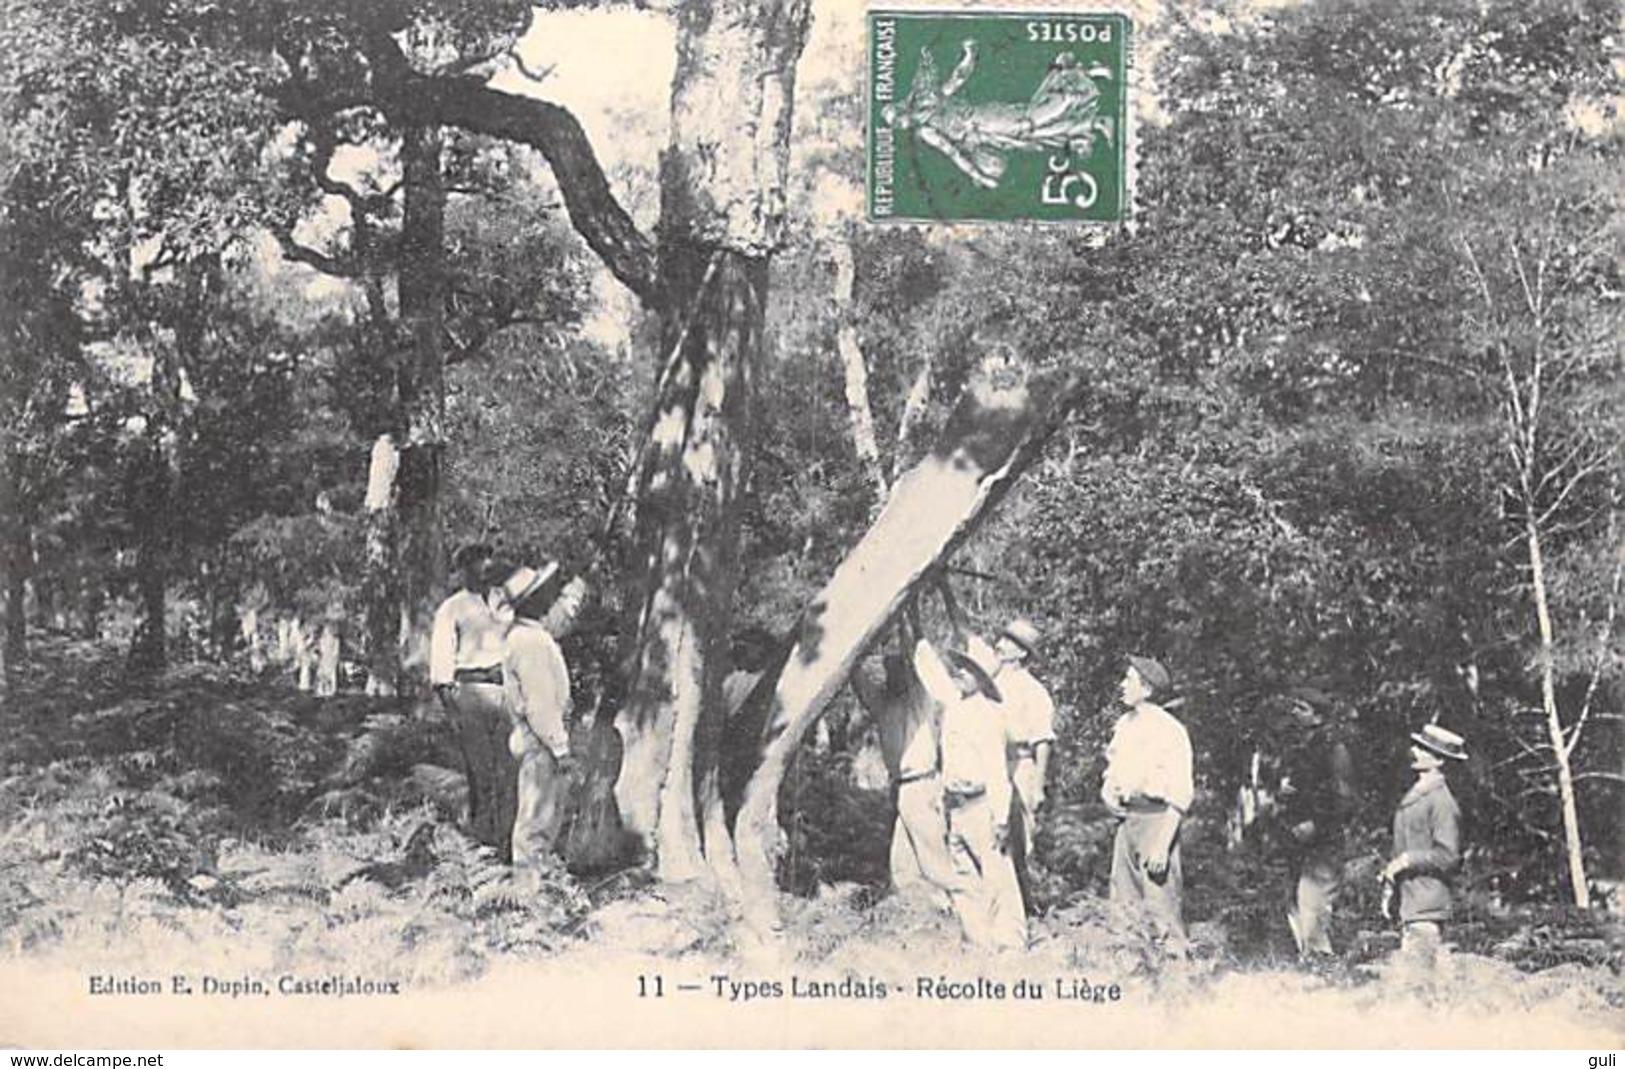 40 Landes - TYPES LANDAIS Récolte Du Liège  (-Editions : Dupin Casteljaloux 11) *PRIX FIXE - France